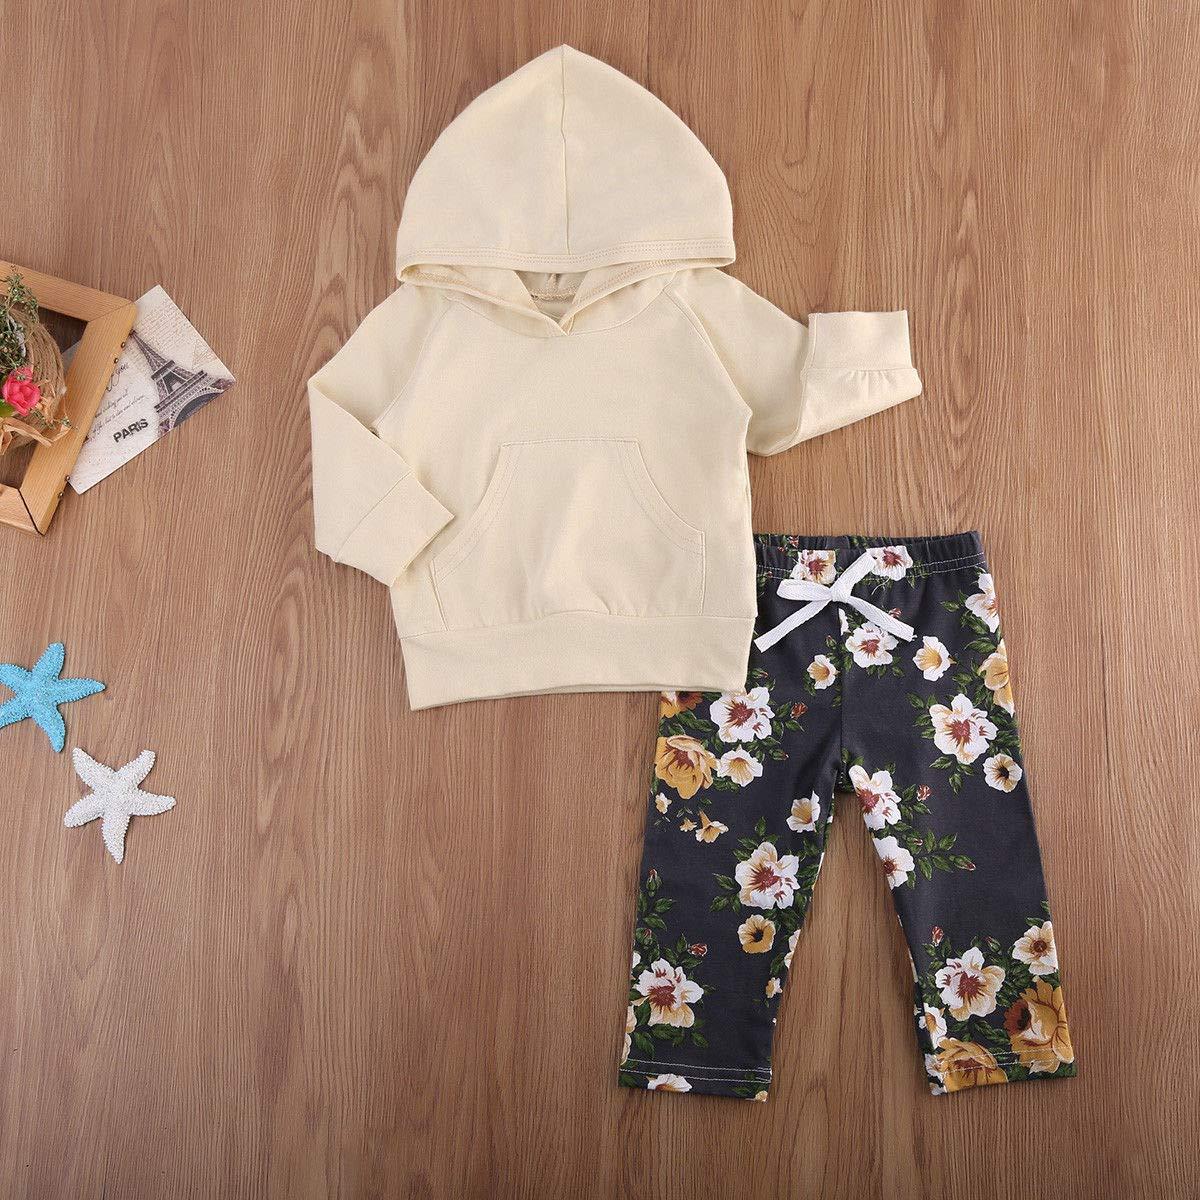 PDYLZWZY Baby Kleidung M/ädchen Junger Kleinkind Langarm Hoodie Oberseiten Hosen Outfits Set 2pcs Baby Kleidung Set M/ädchen Kleidung Outfits Baumwolle 6-24 Monate